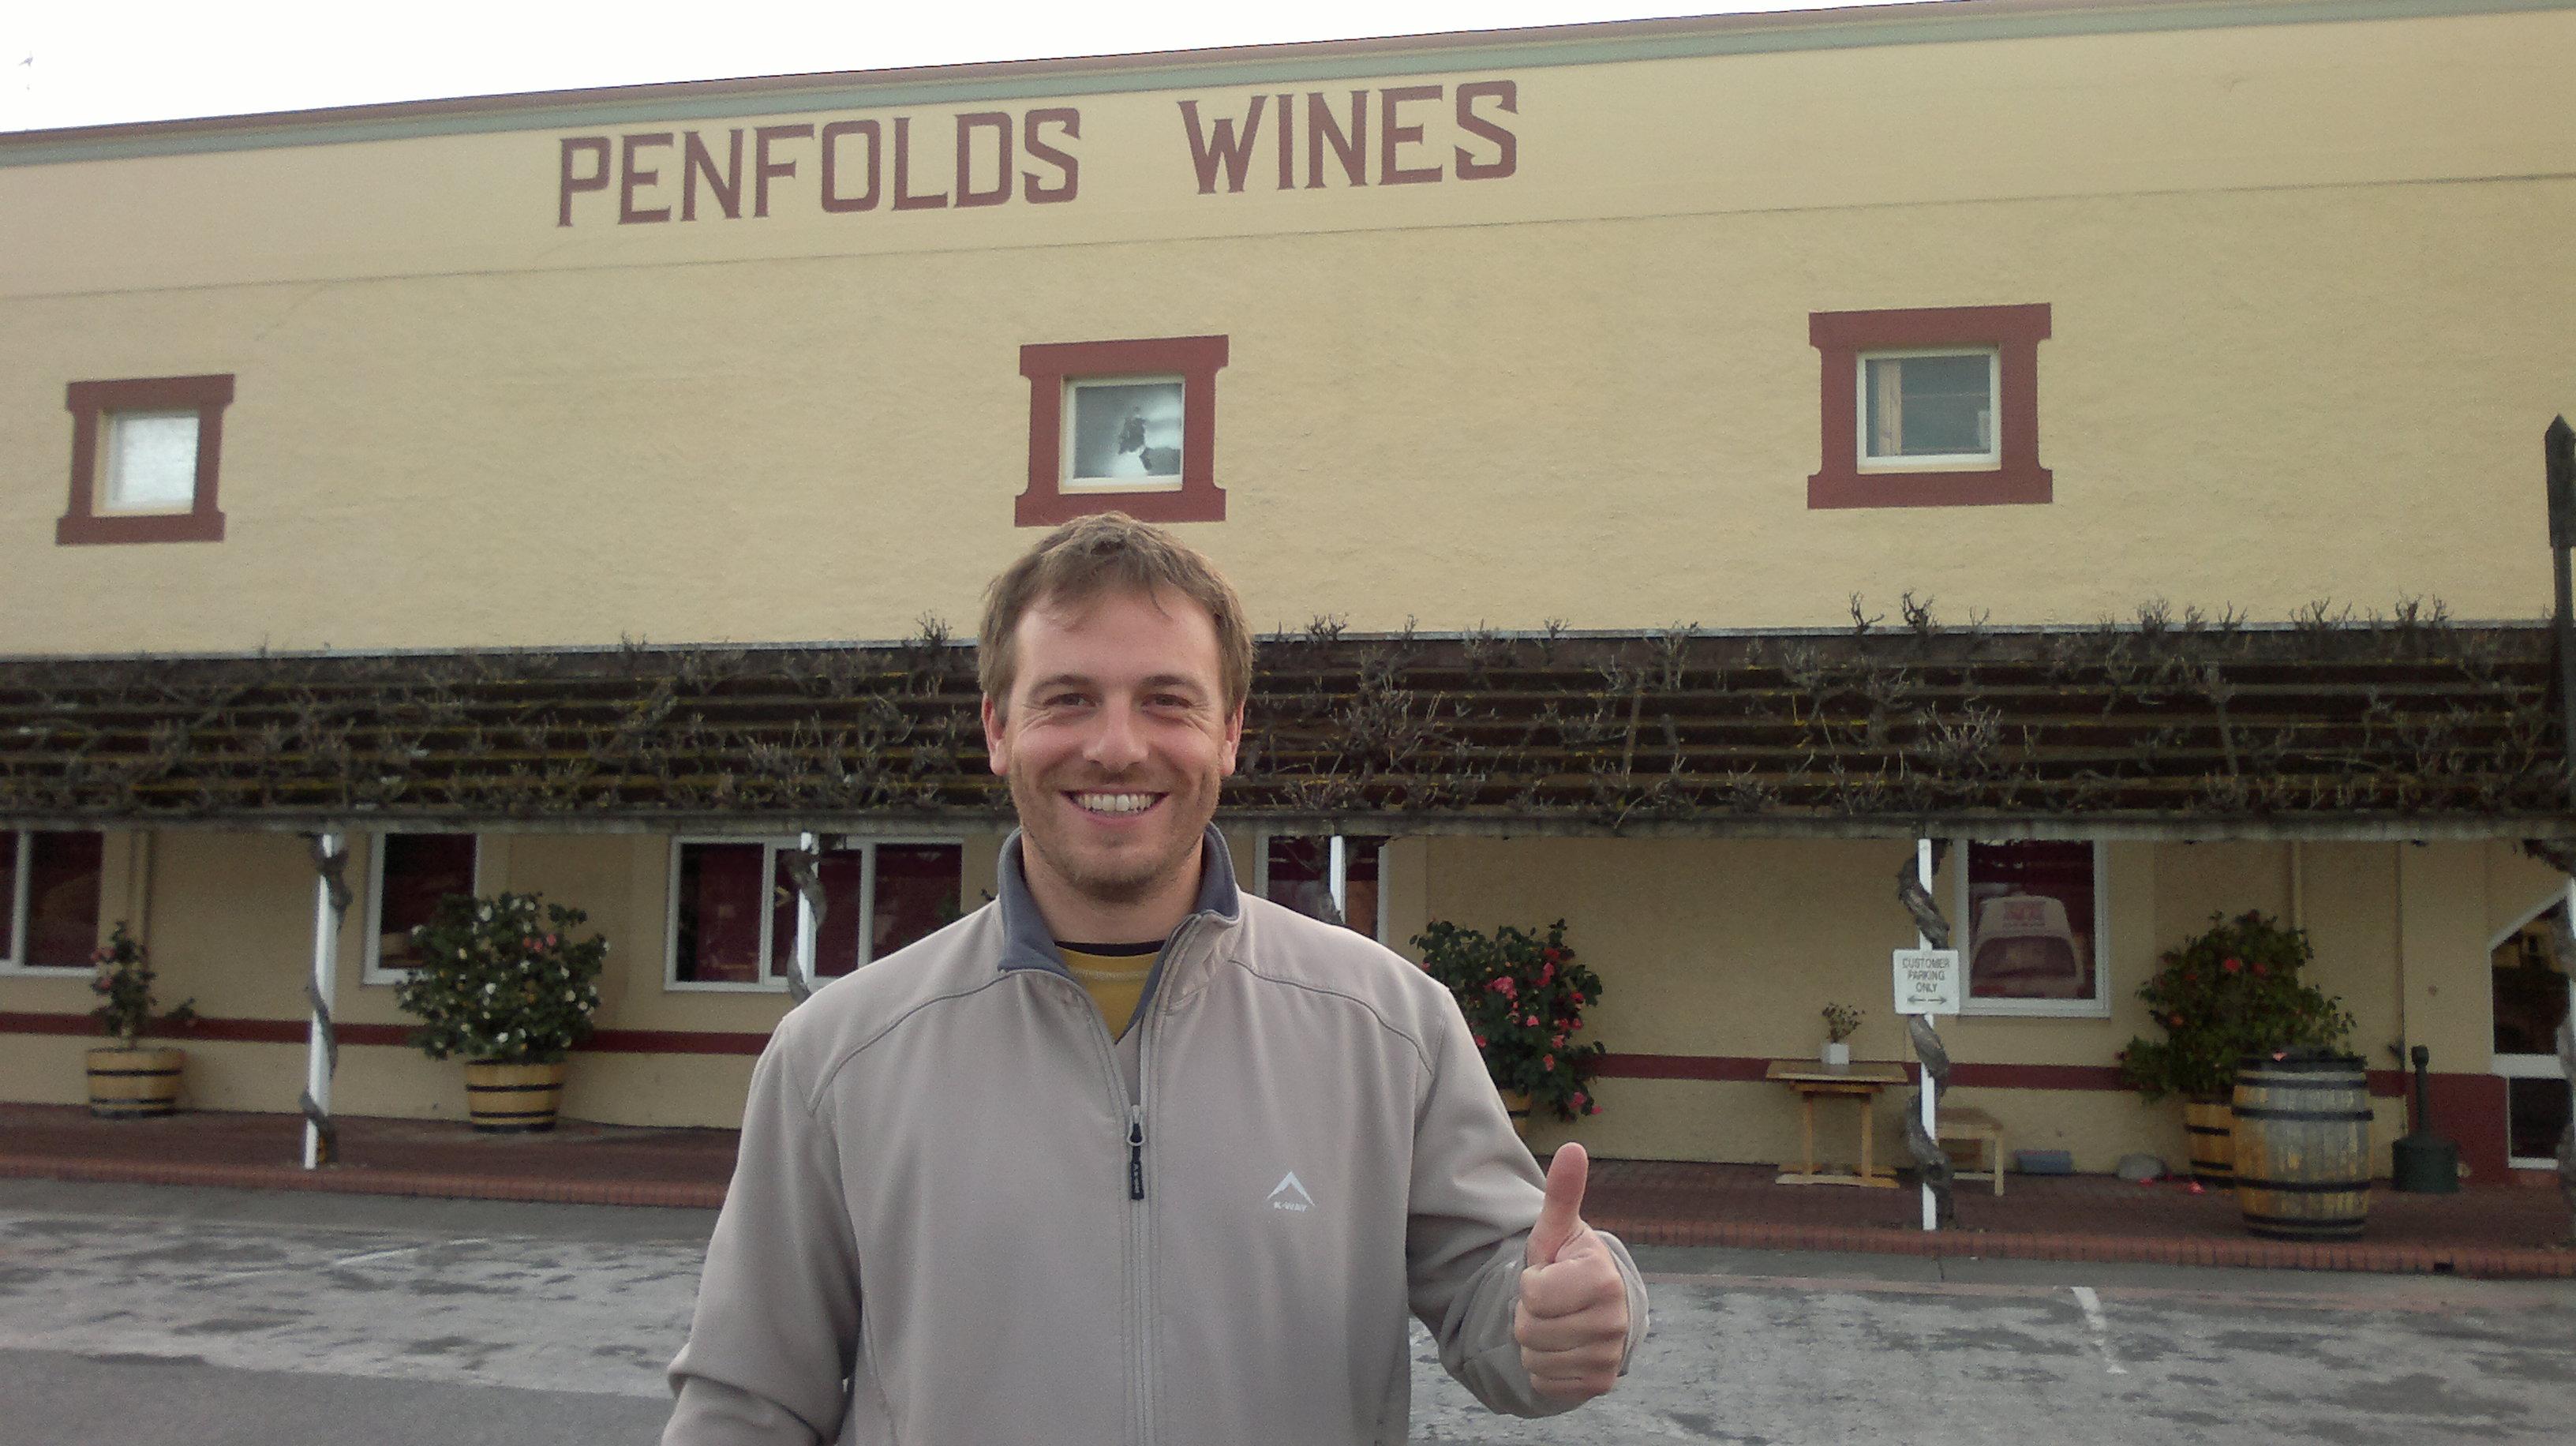 st hallett single vineyard sonntag shiraz 2012 St hallett 2015 blackwell shiraz 95-97 point pedigree goldschmidt 2011 yoeman single vineyard cabernet v vineyards 2012 audace ruby vineyard napa valley -.